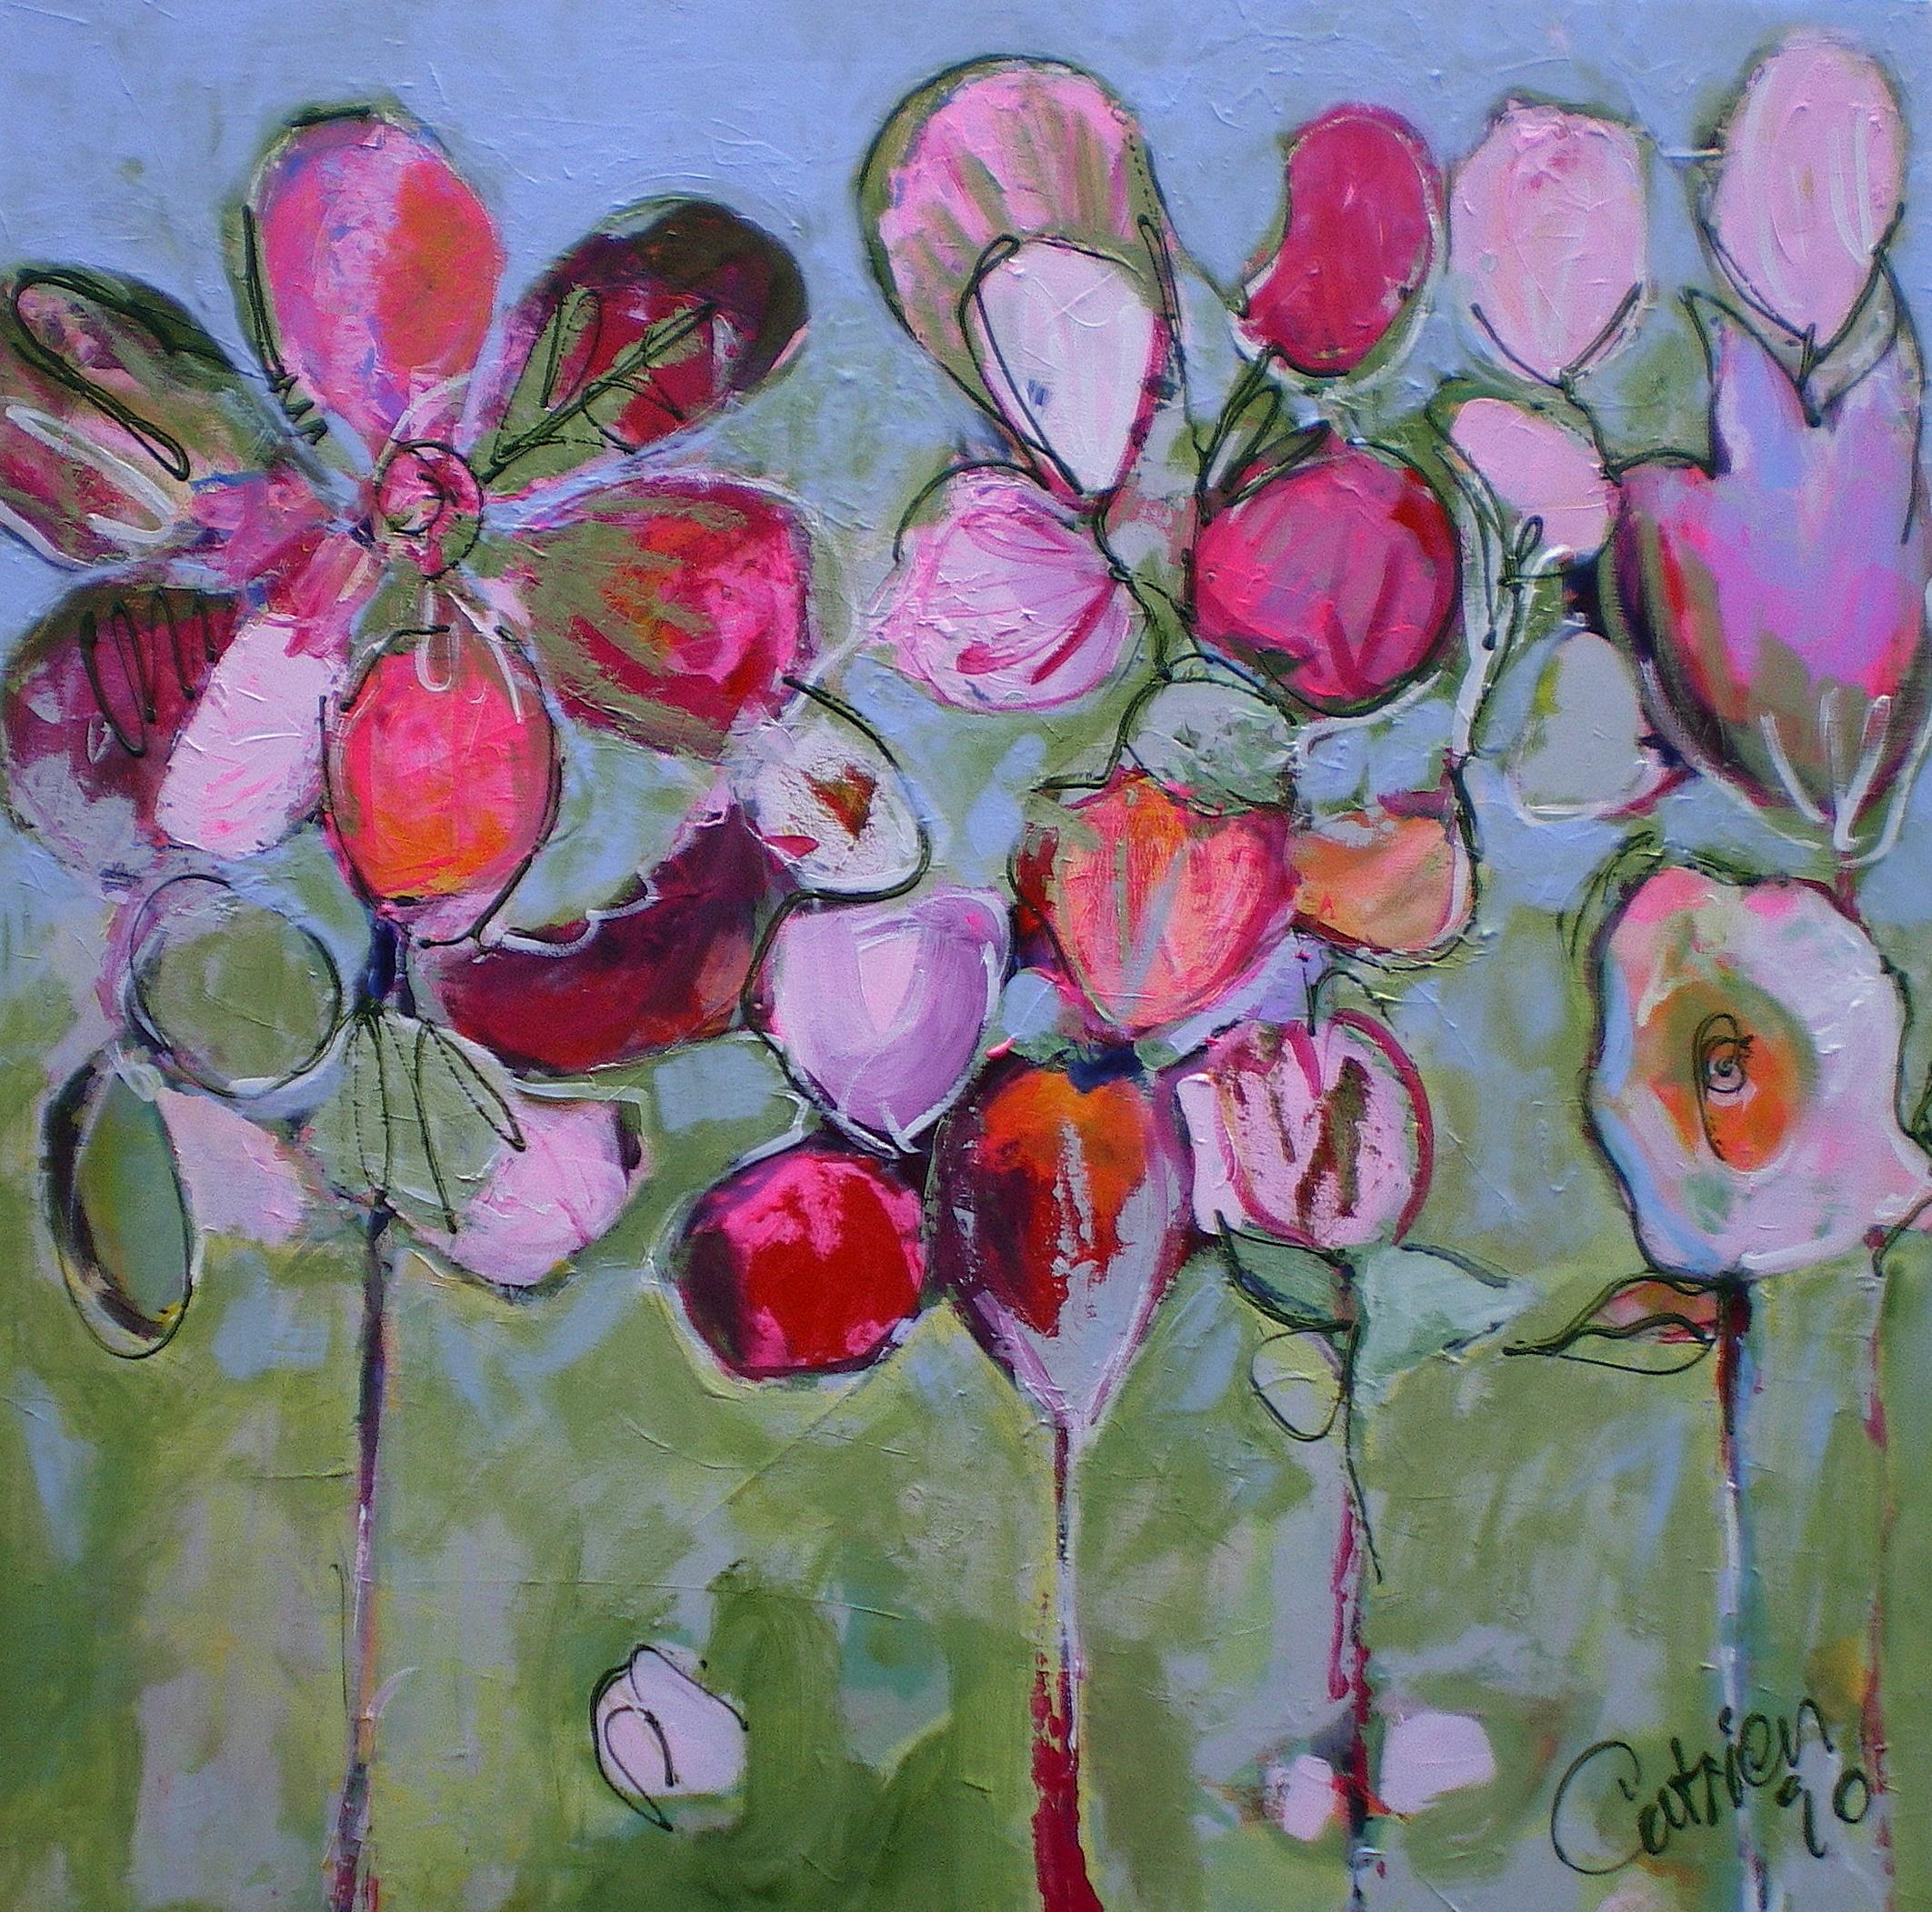 Catrien Art_Schilderij verkocht_Bloemen voor Marie